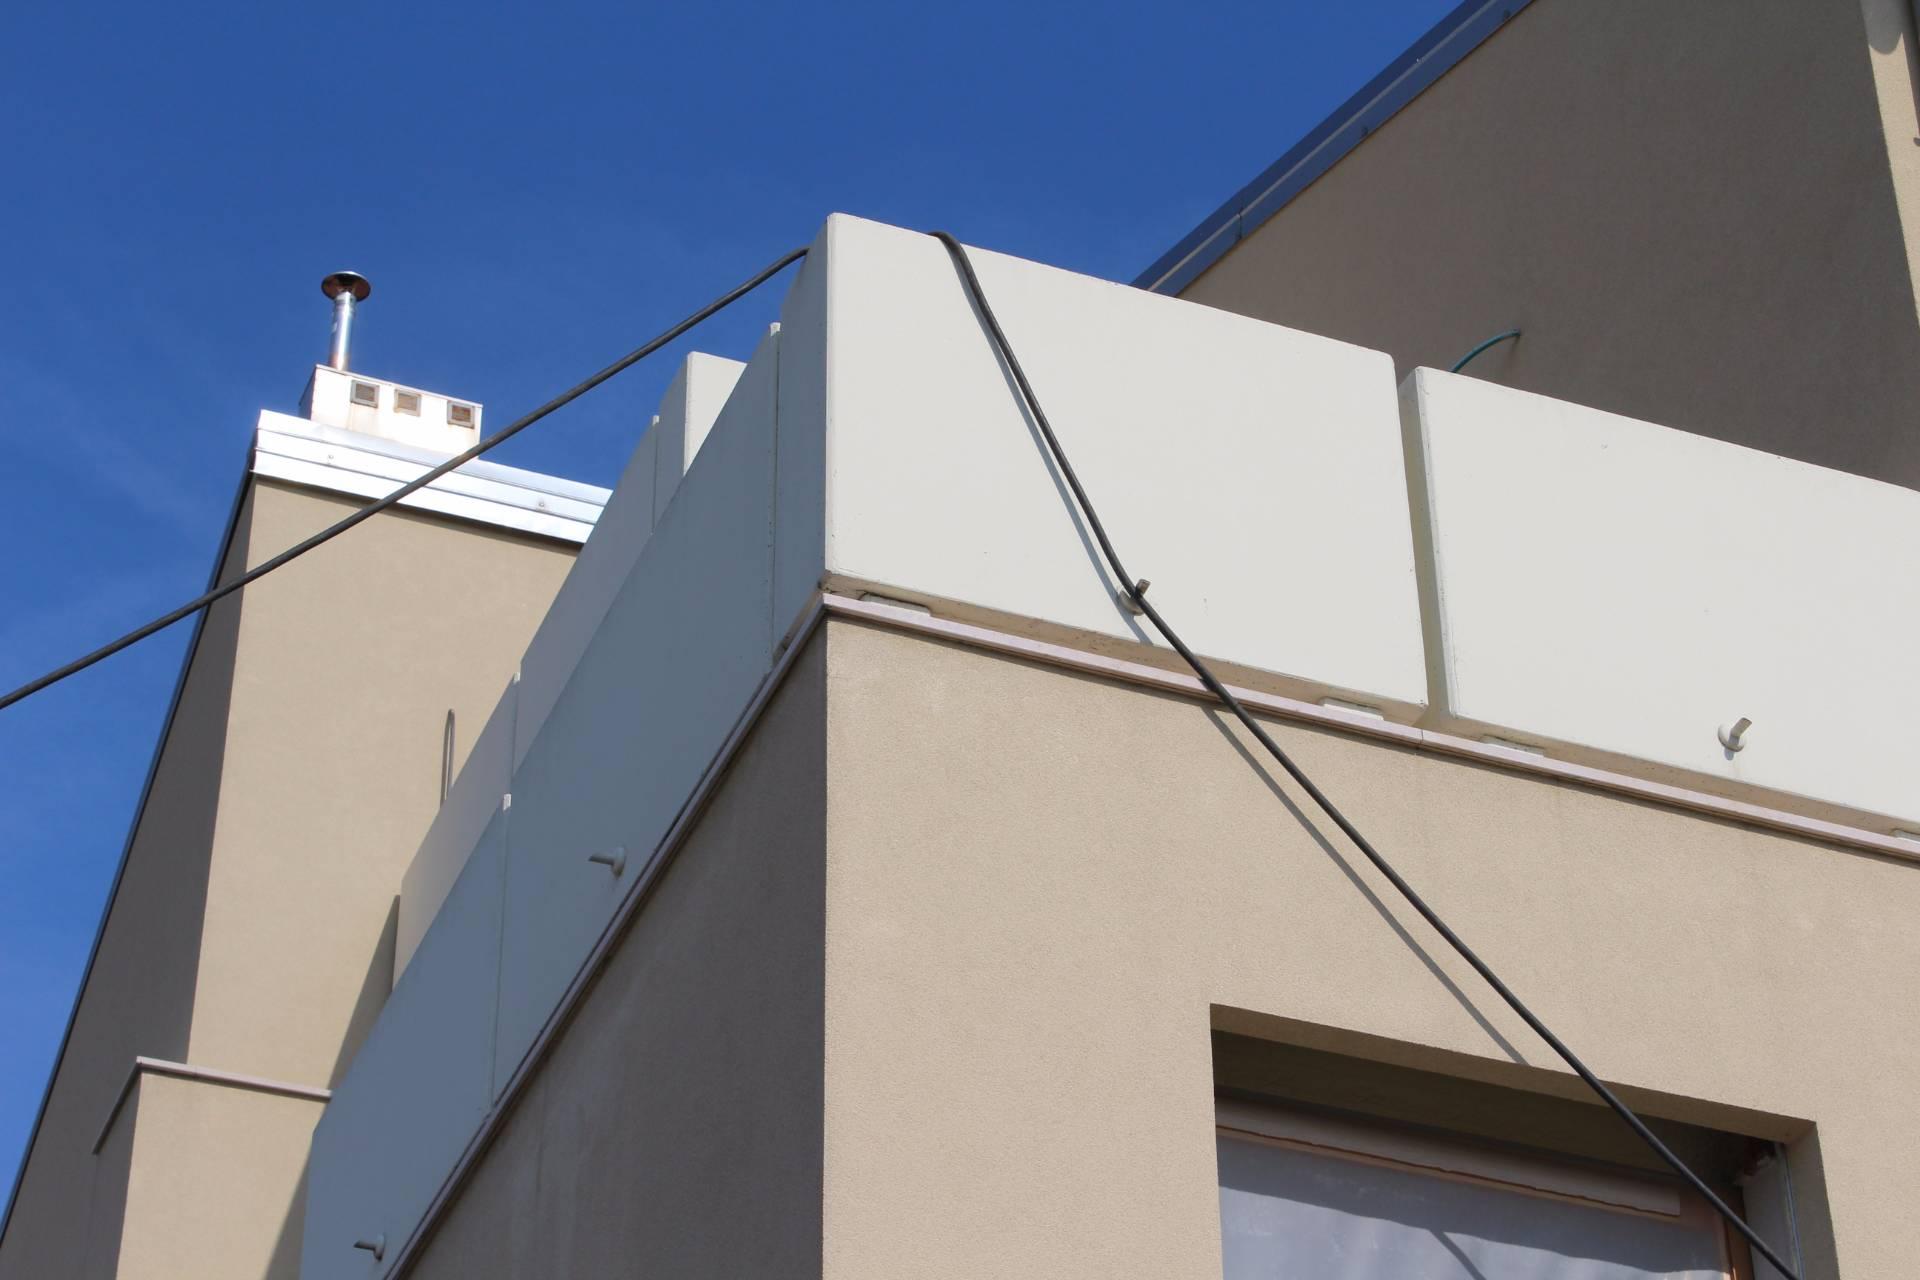 Appartamento in vendita a Cesenatico, 3 locali, zona Zona: Villamarina, prezzo € 245.000   CambioCasa.it